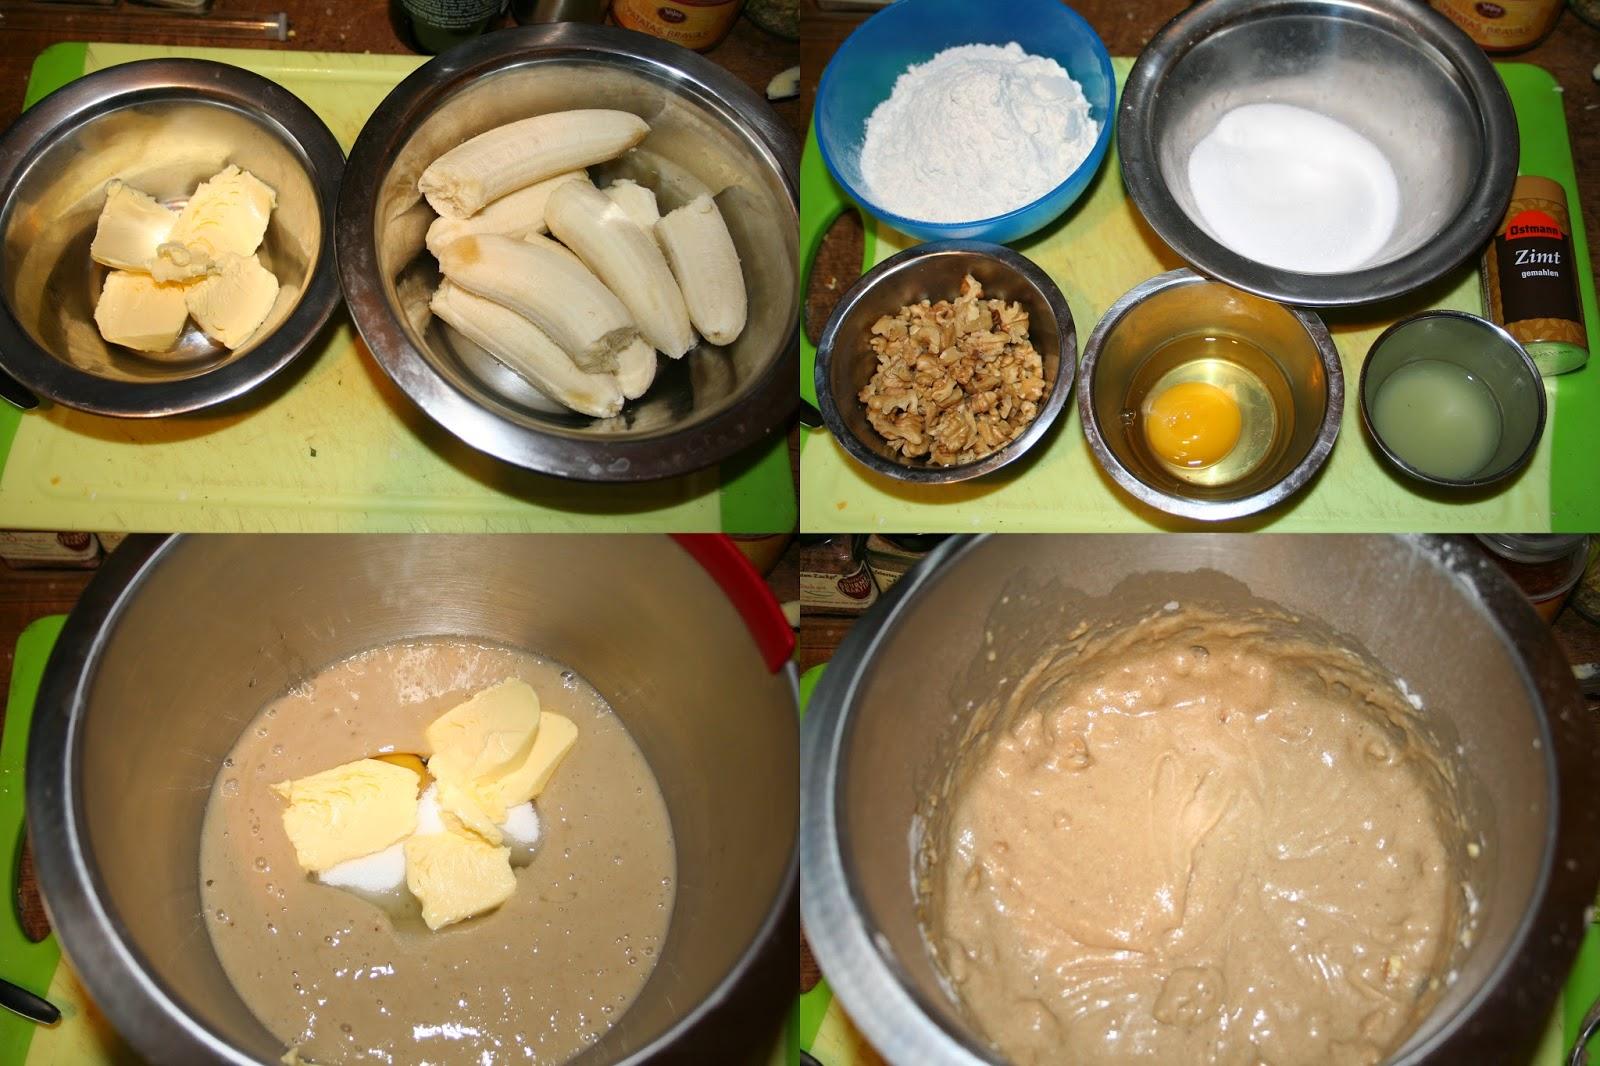 Bananen walnuss kuchen for Kuchen volker hosbach